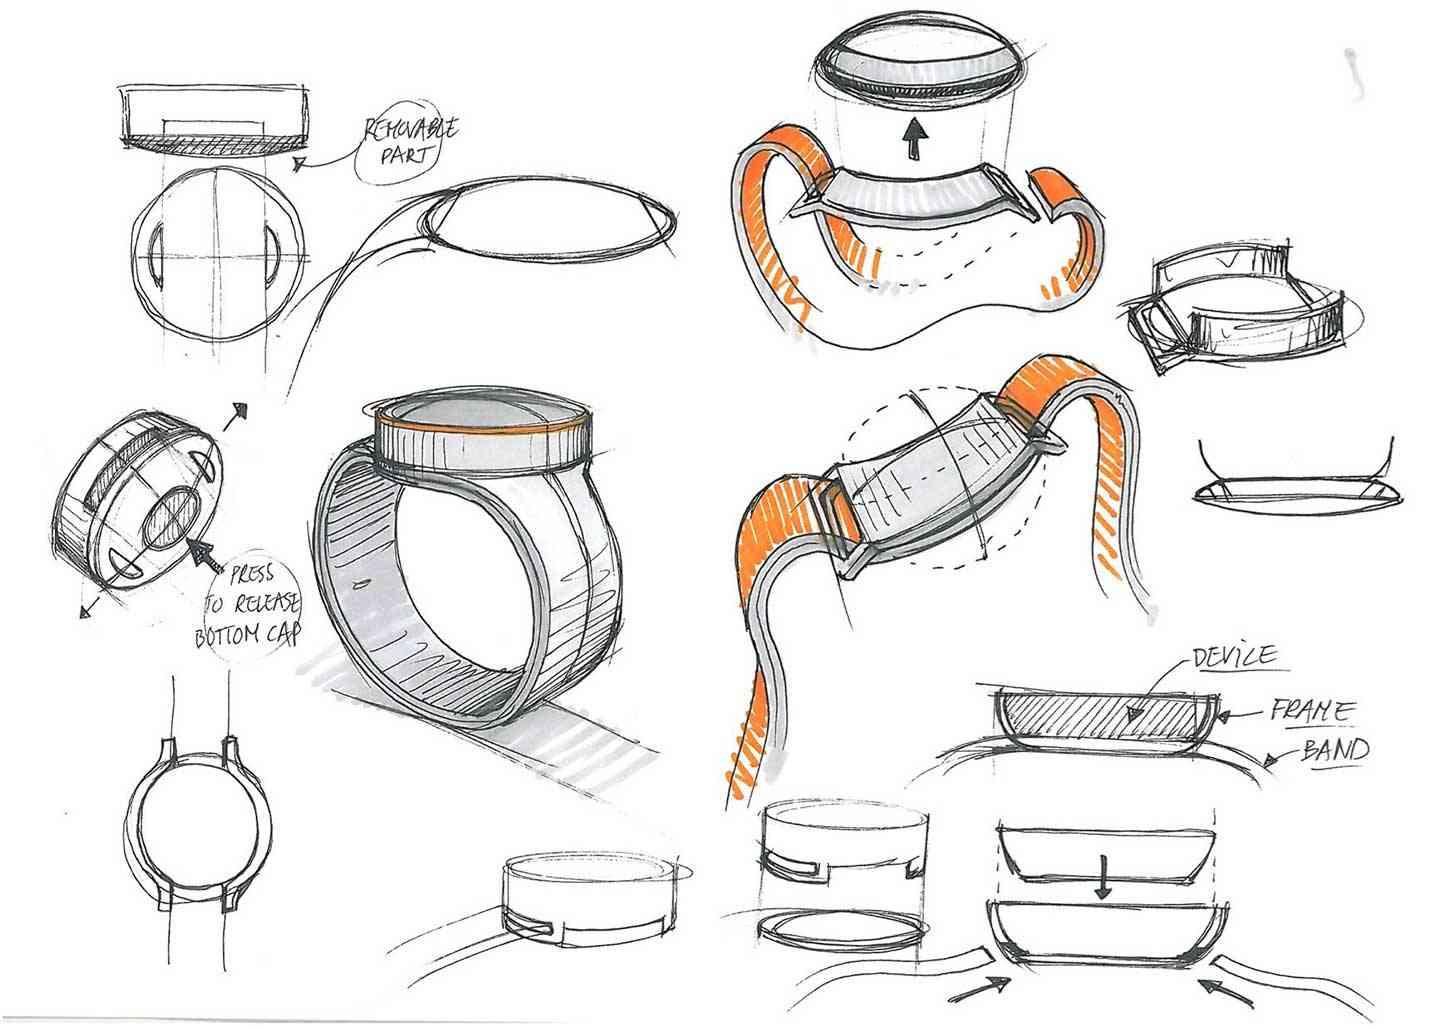 OnePlus Watch design sketches